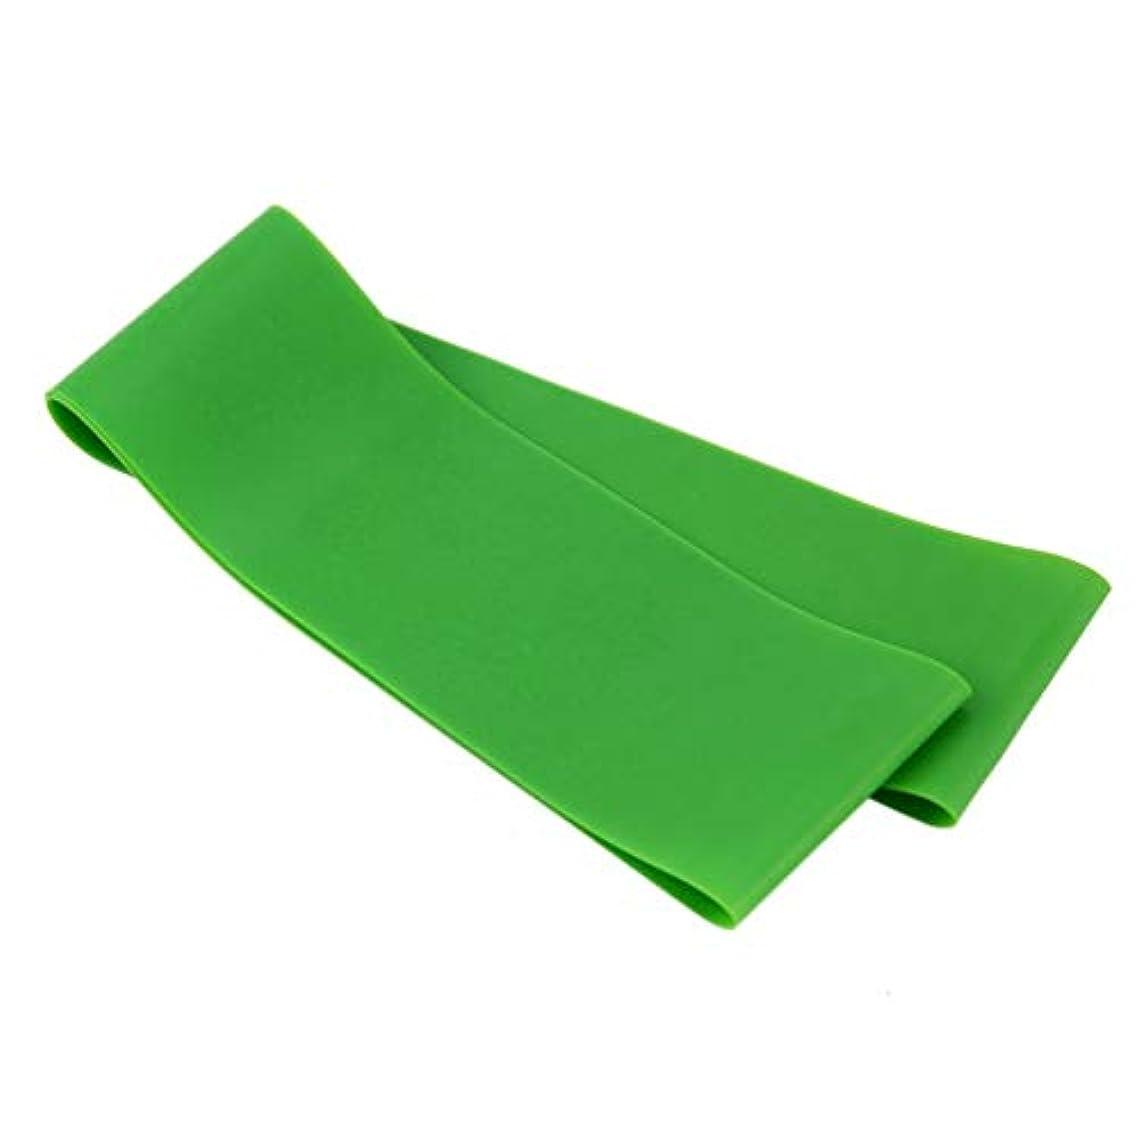 経過等々奇跡的な滑り止め伸縮性ゴム弾性ヨガベルトバンドプルロープ張力抵抗バンドループ強度のためのフィットネスヨガツール - グリーン